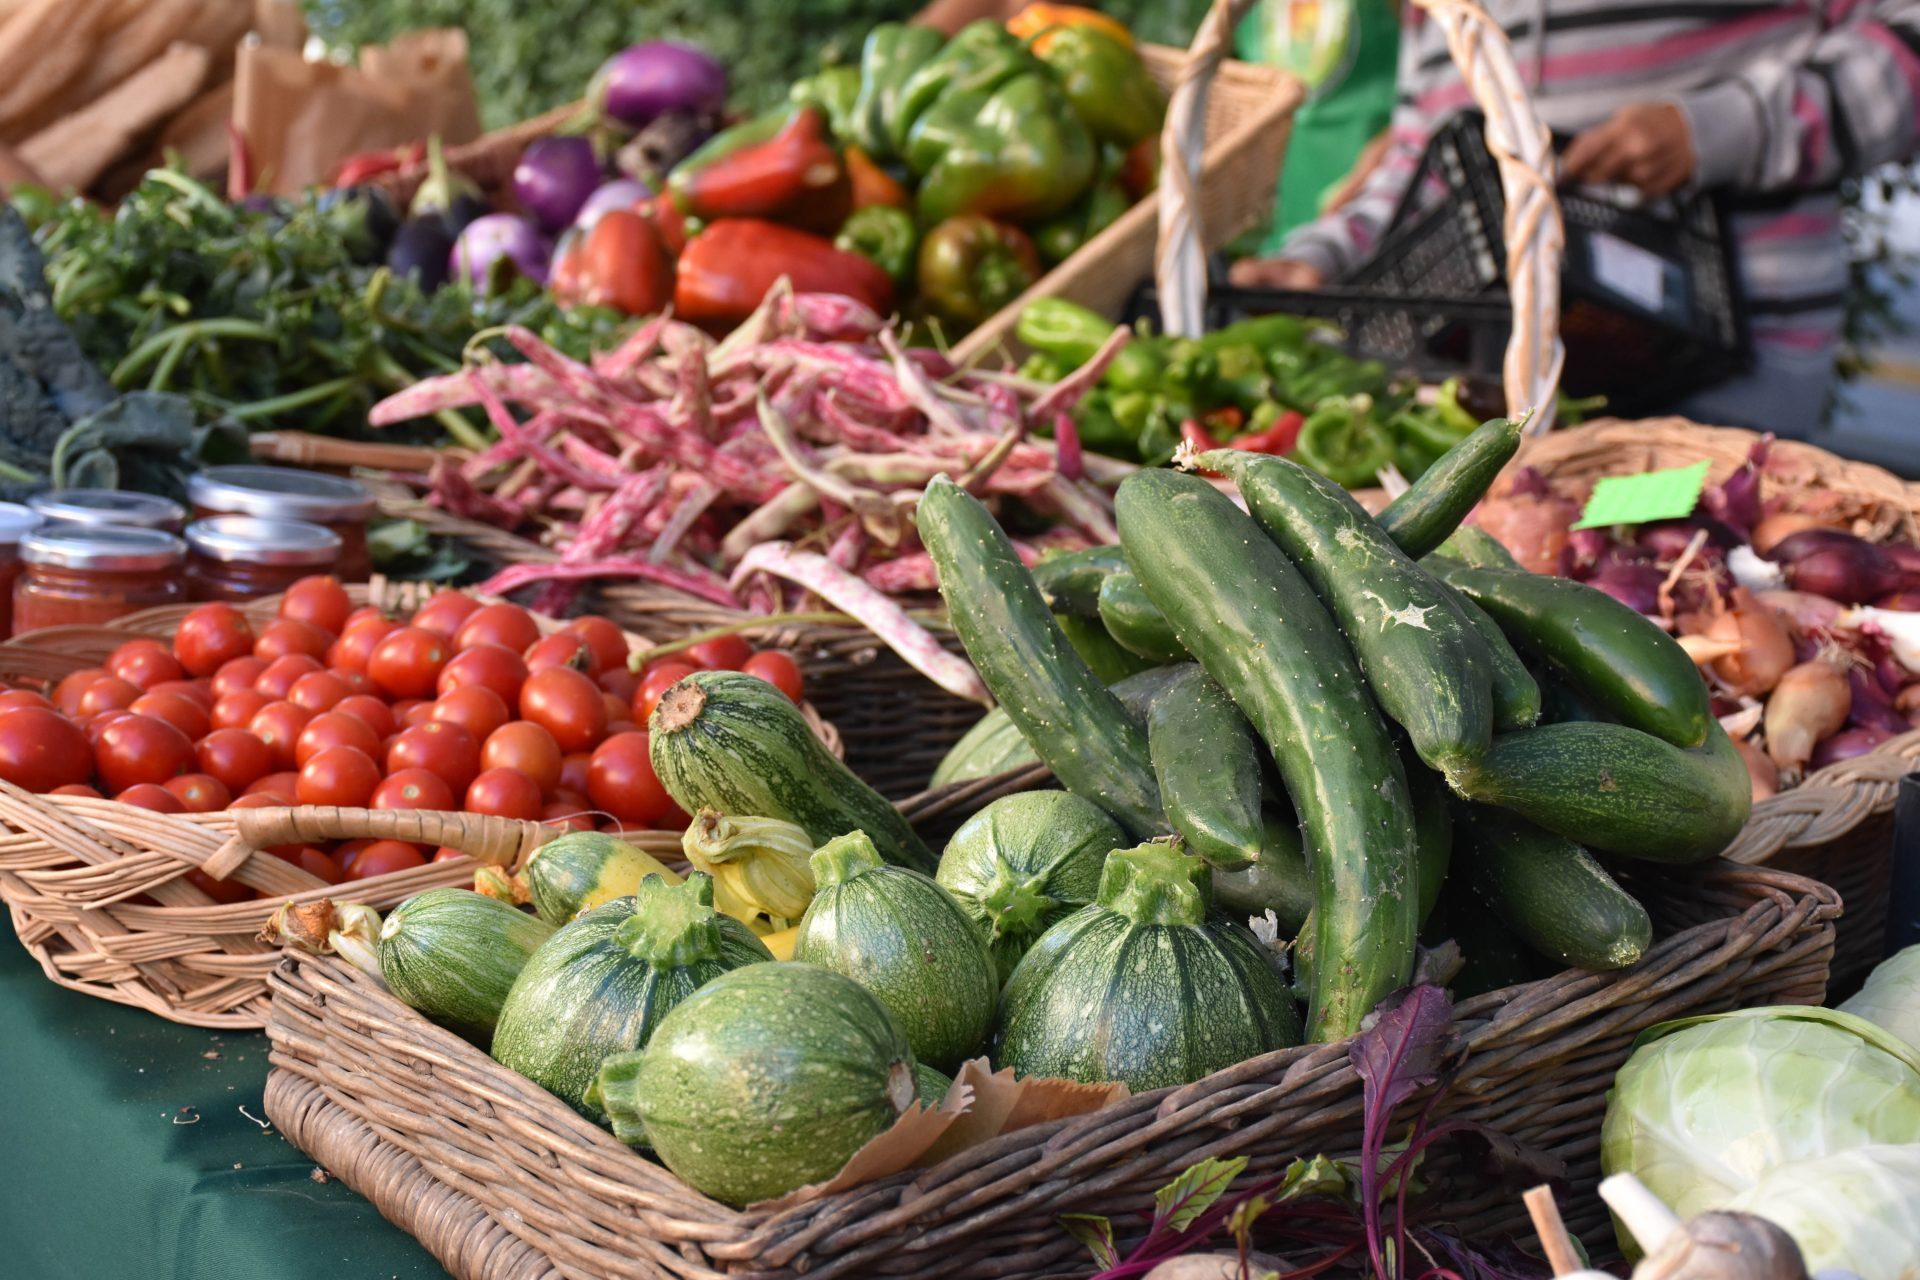 Rinnovo concessioni mercati del Comune di Firenze. Scadenza 29 ottobre 2021